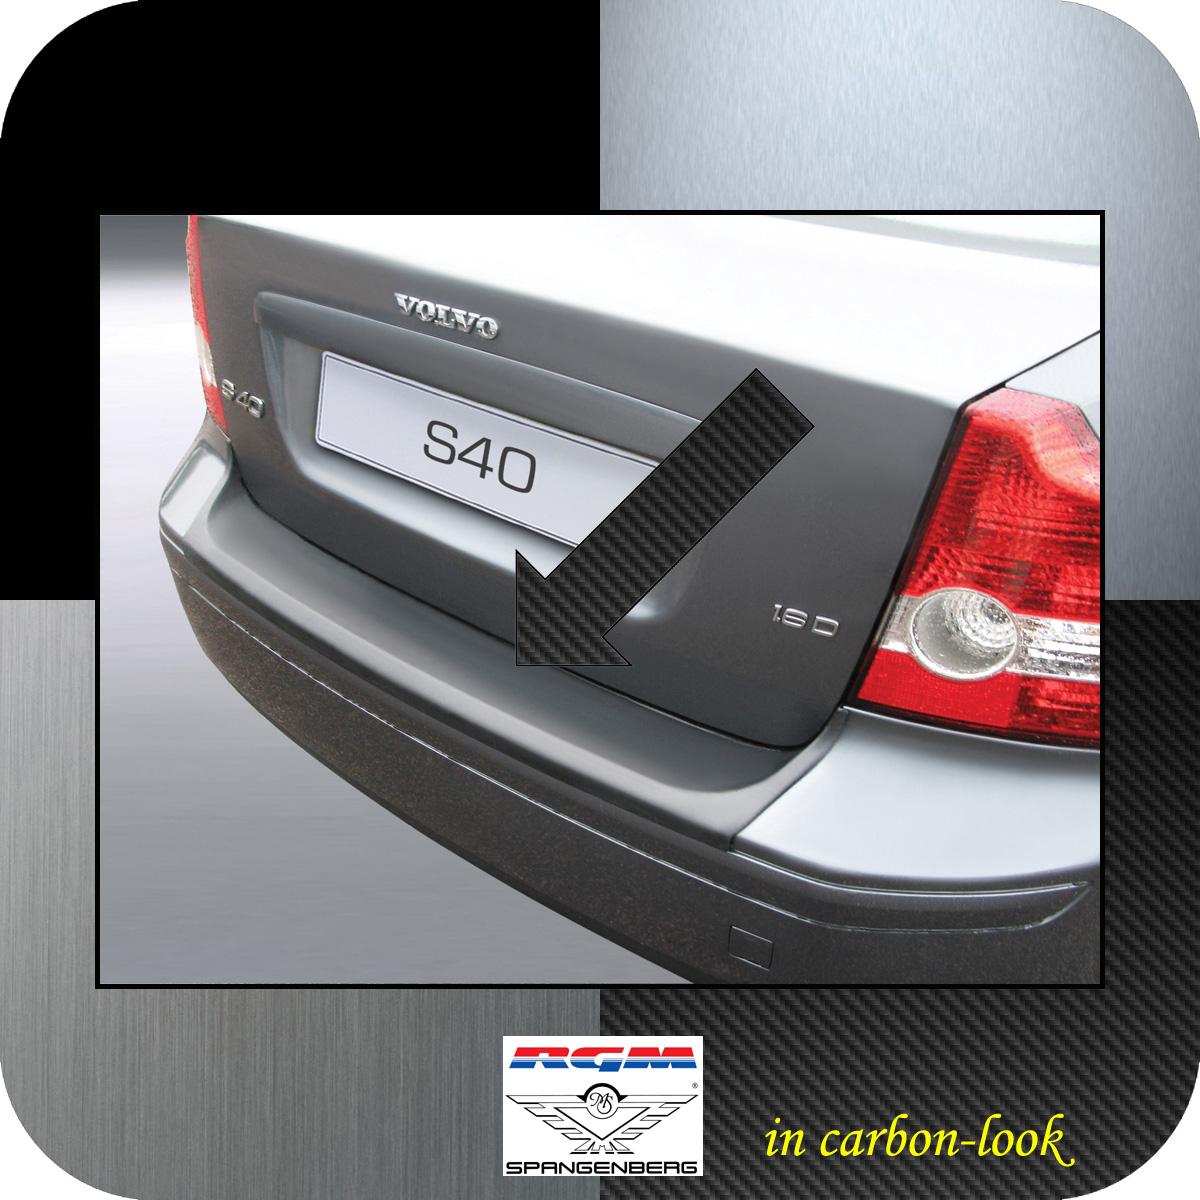 Ladekantenschutz Carbon-Look Volvo S40 II Limousine vor Mopf 2004-2007 3509417